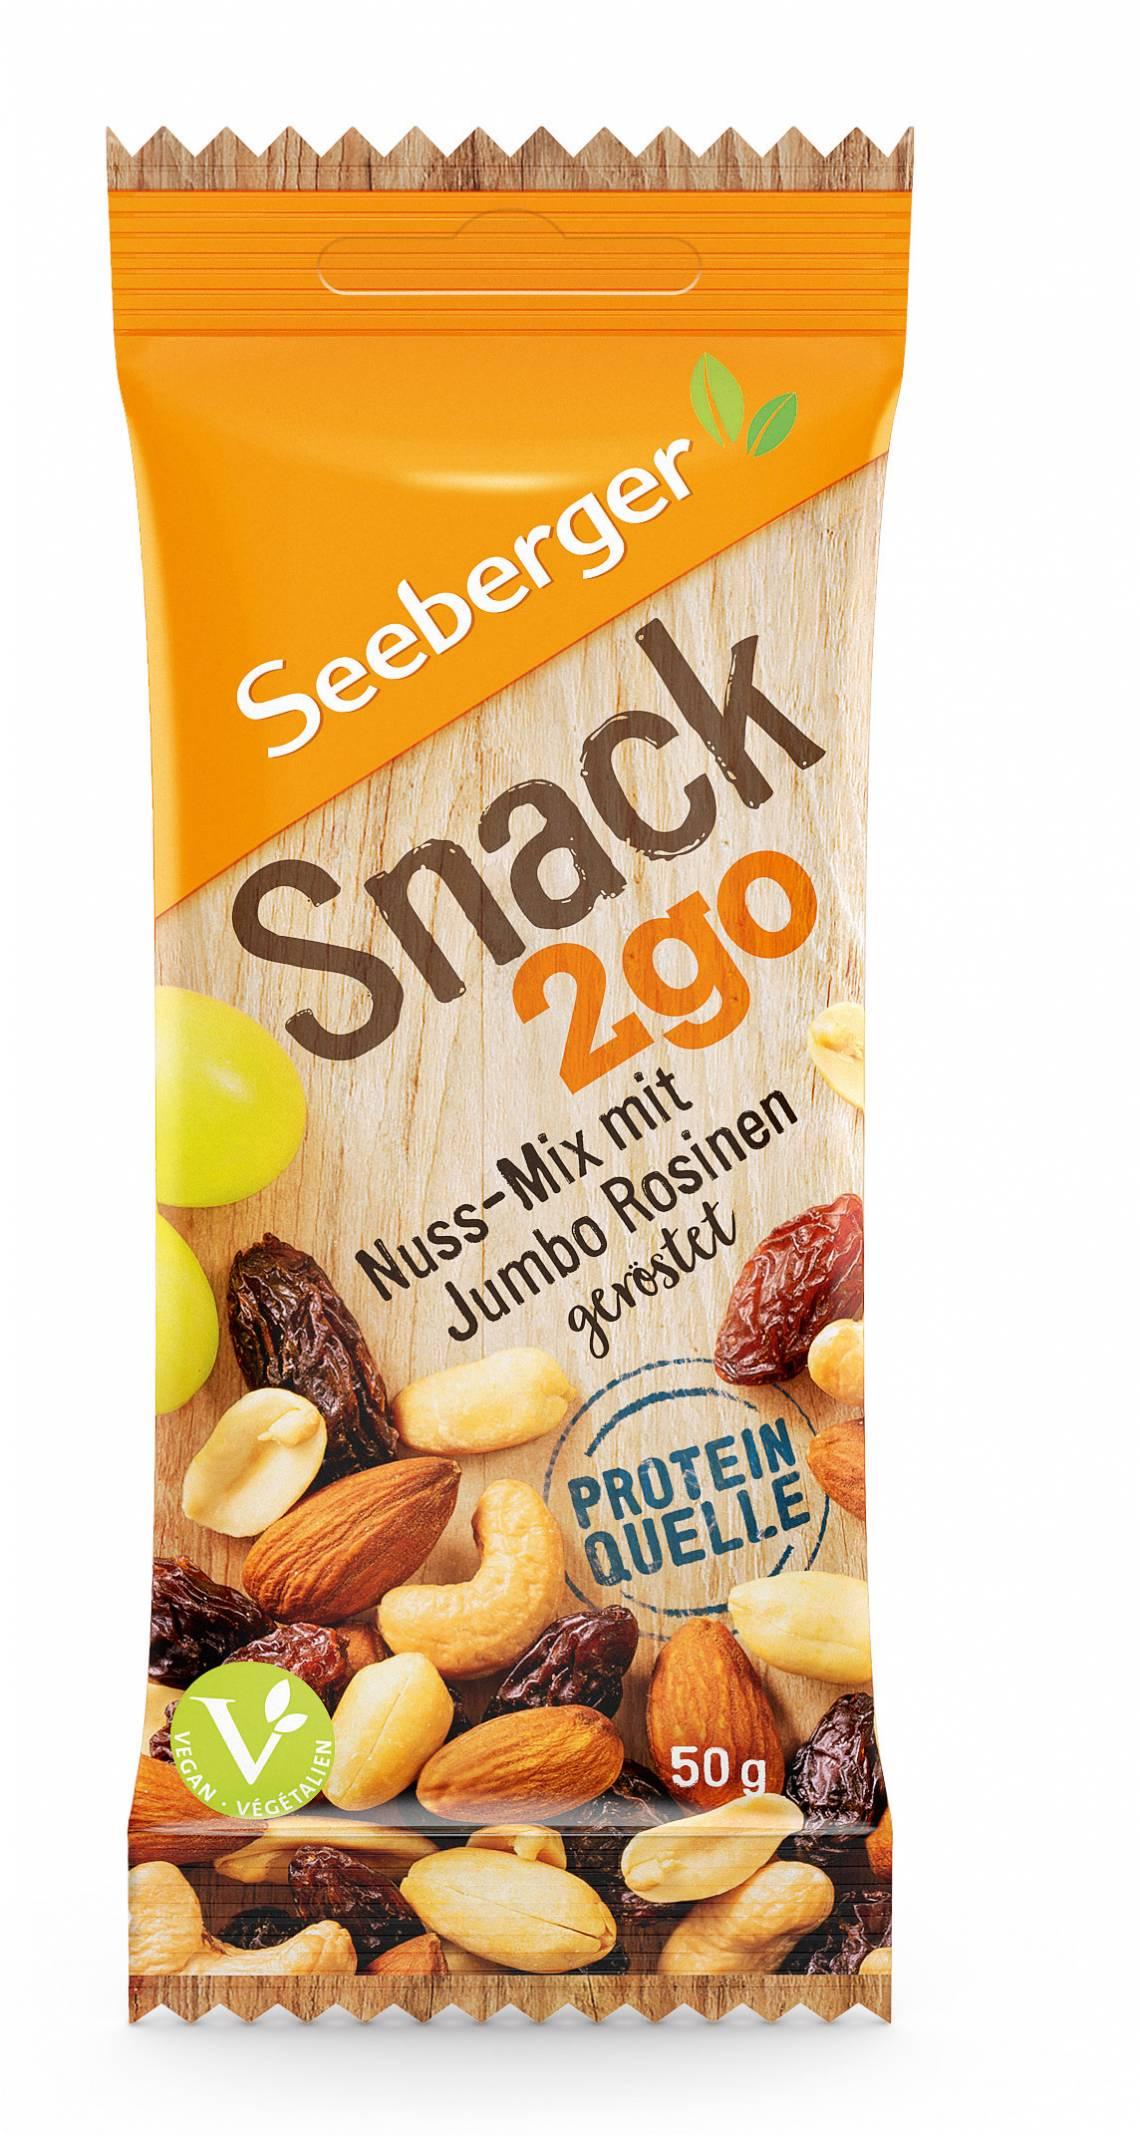 Seeberger: Snack2go / Nuss-Mix mit Jumbo-Rosinen